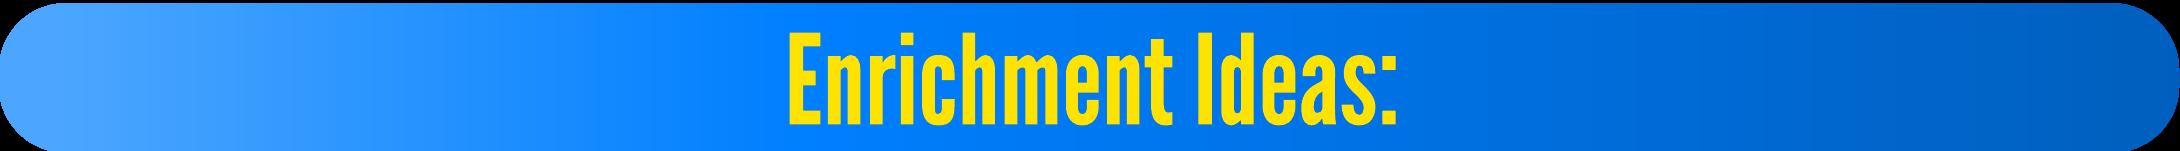 Enrichment Ideas: